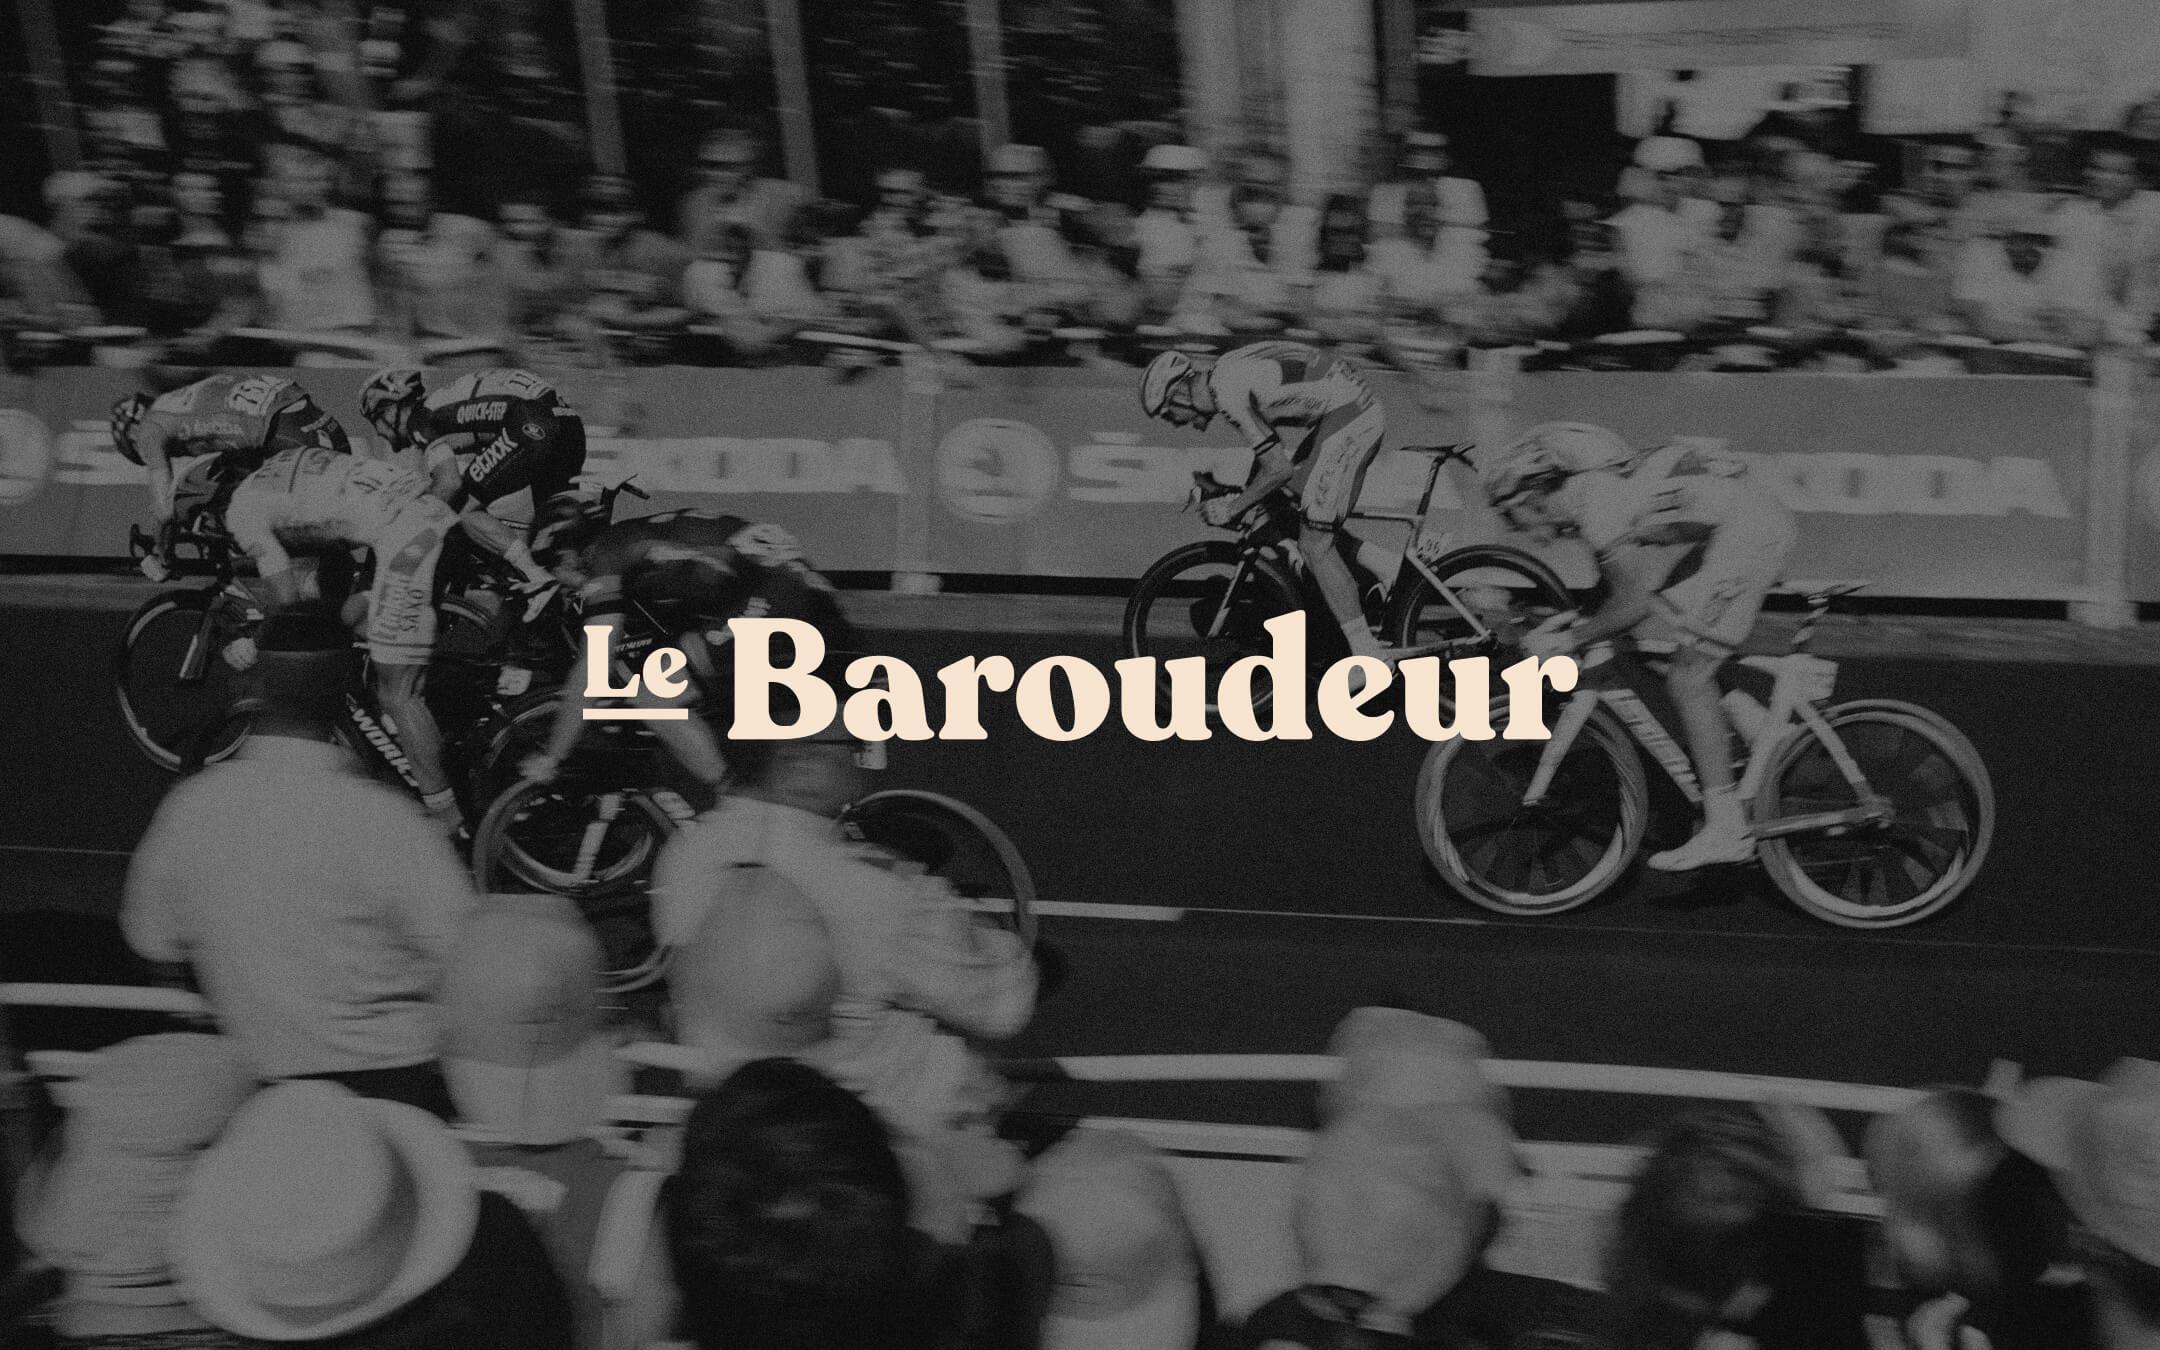 LeBaroudeur